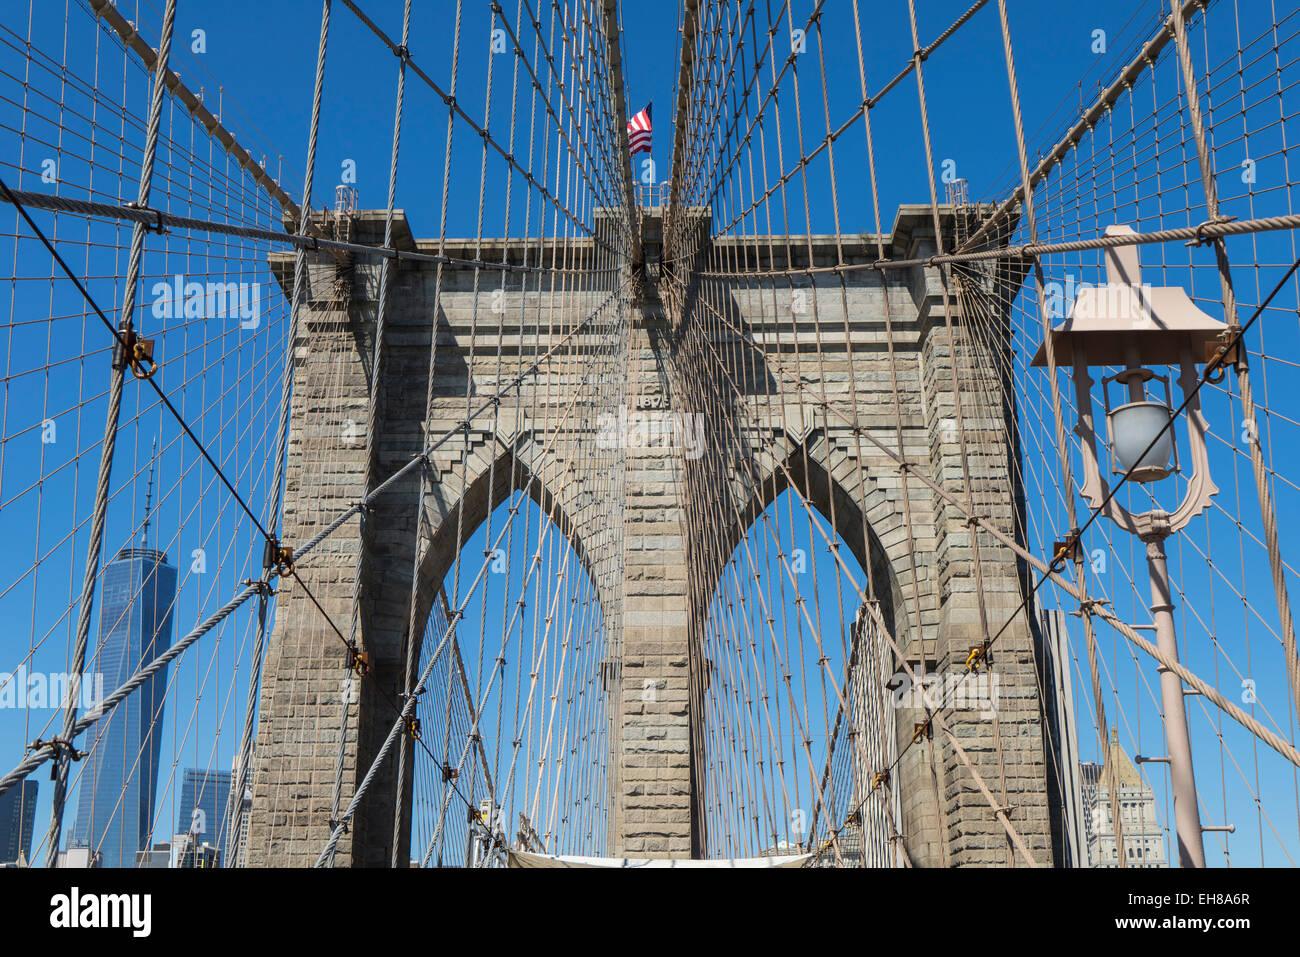 Detail der Brooklyn Bridge, Brooklyn, New York City, New York, Vereinigte Staaten von Amerika, Nordamerika Stockbild